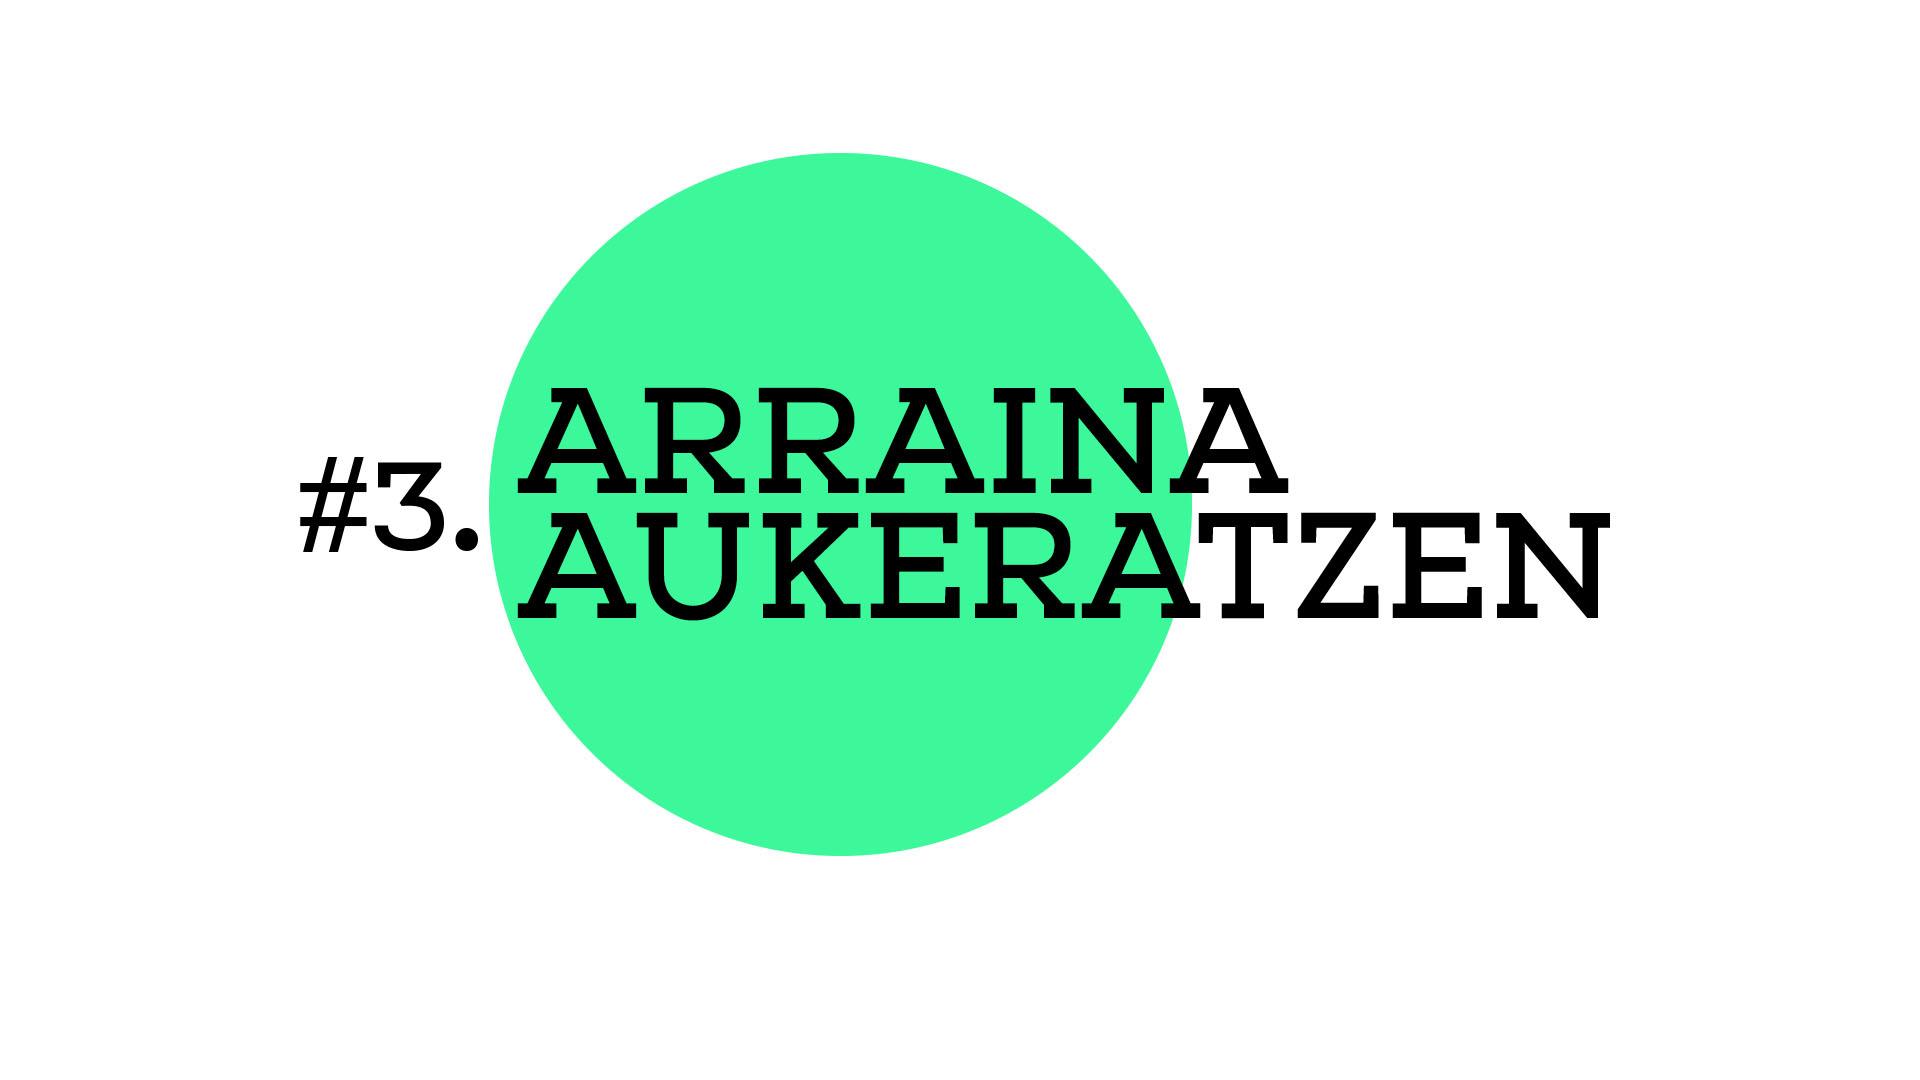 Arraina aukeratzen (A2E03)